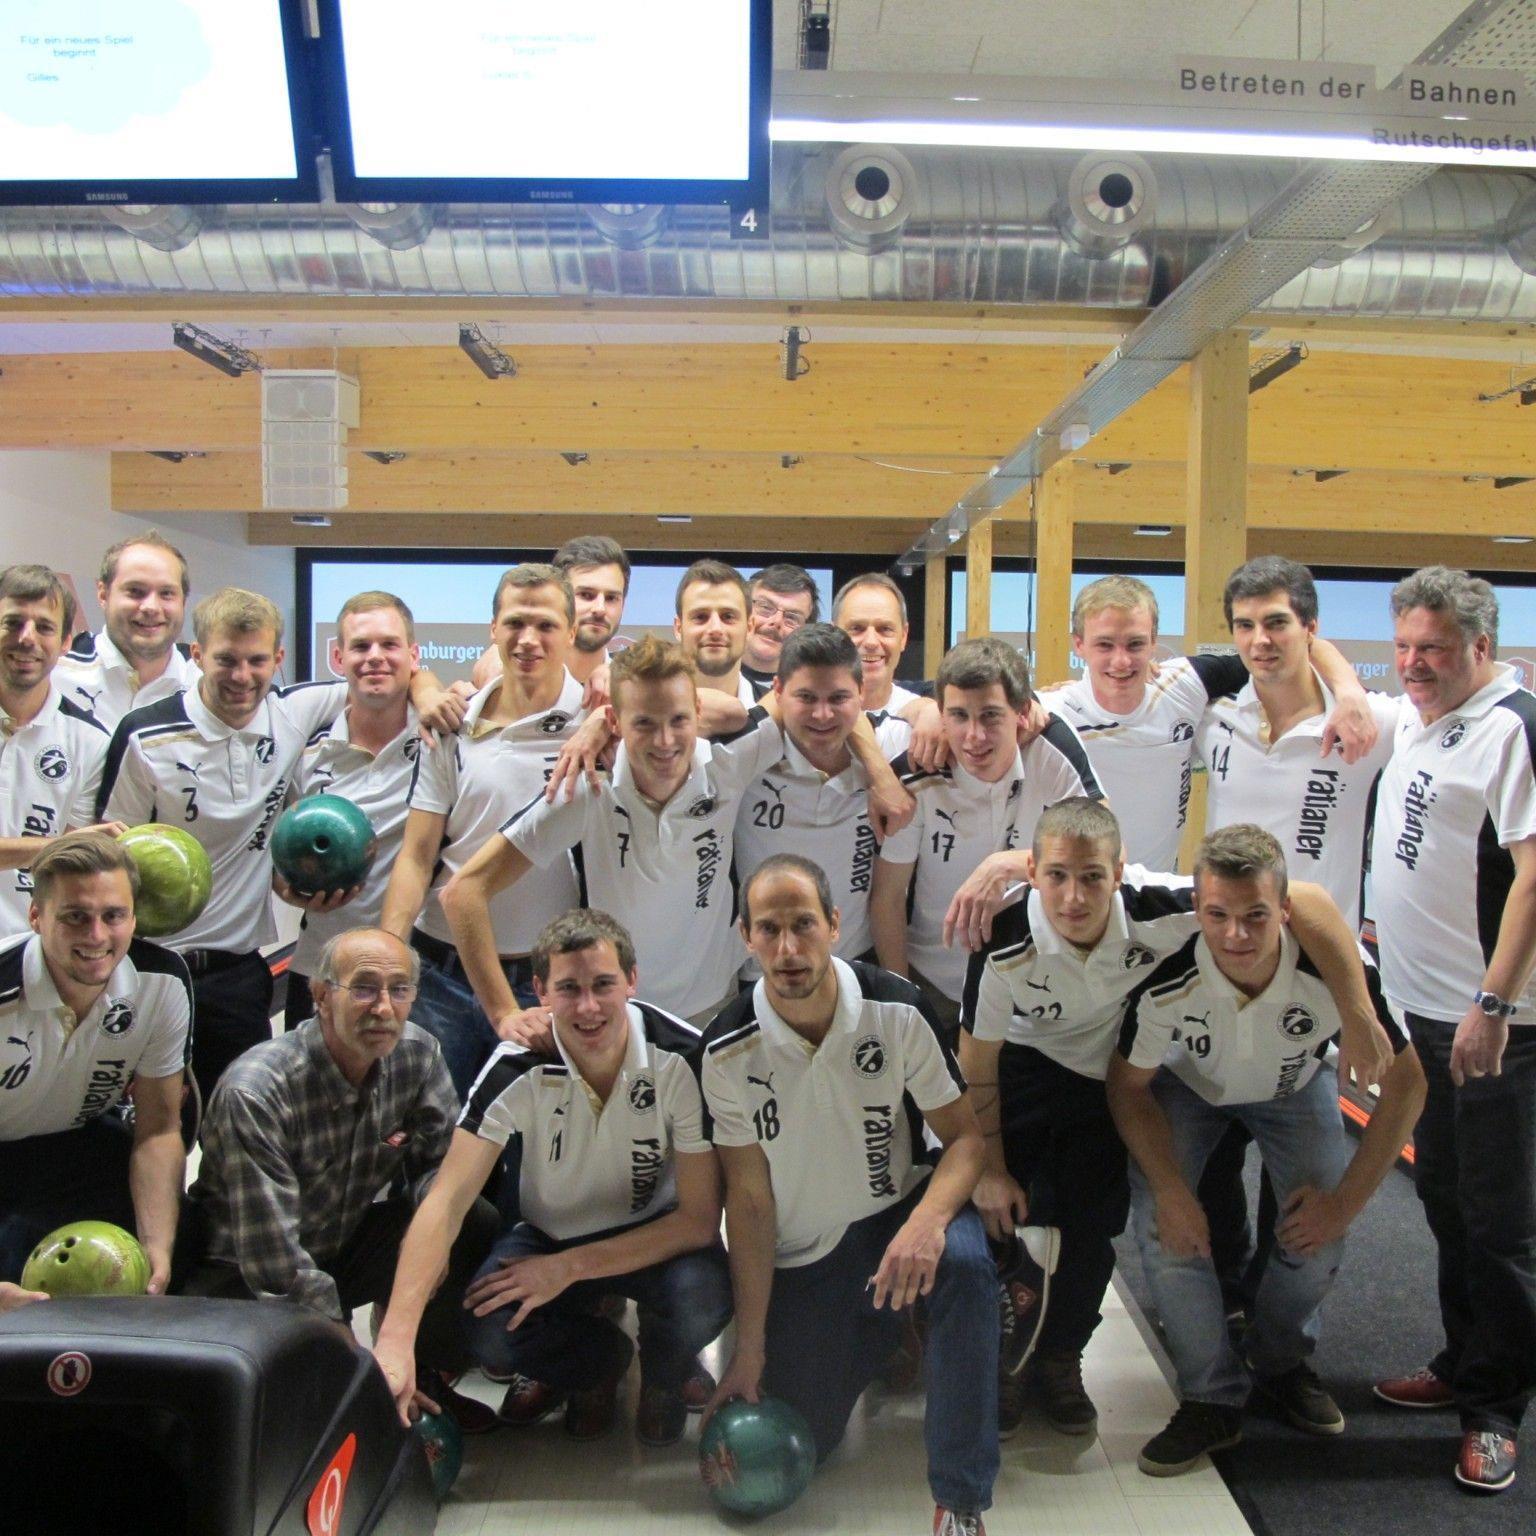 Bowling beim Hauptsponsor im Fohren Center stand für die Rätia-Kicker für einmal auf dem Programm.